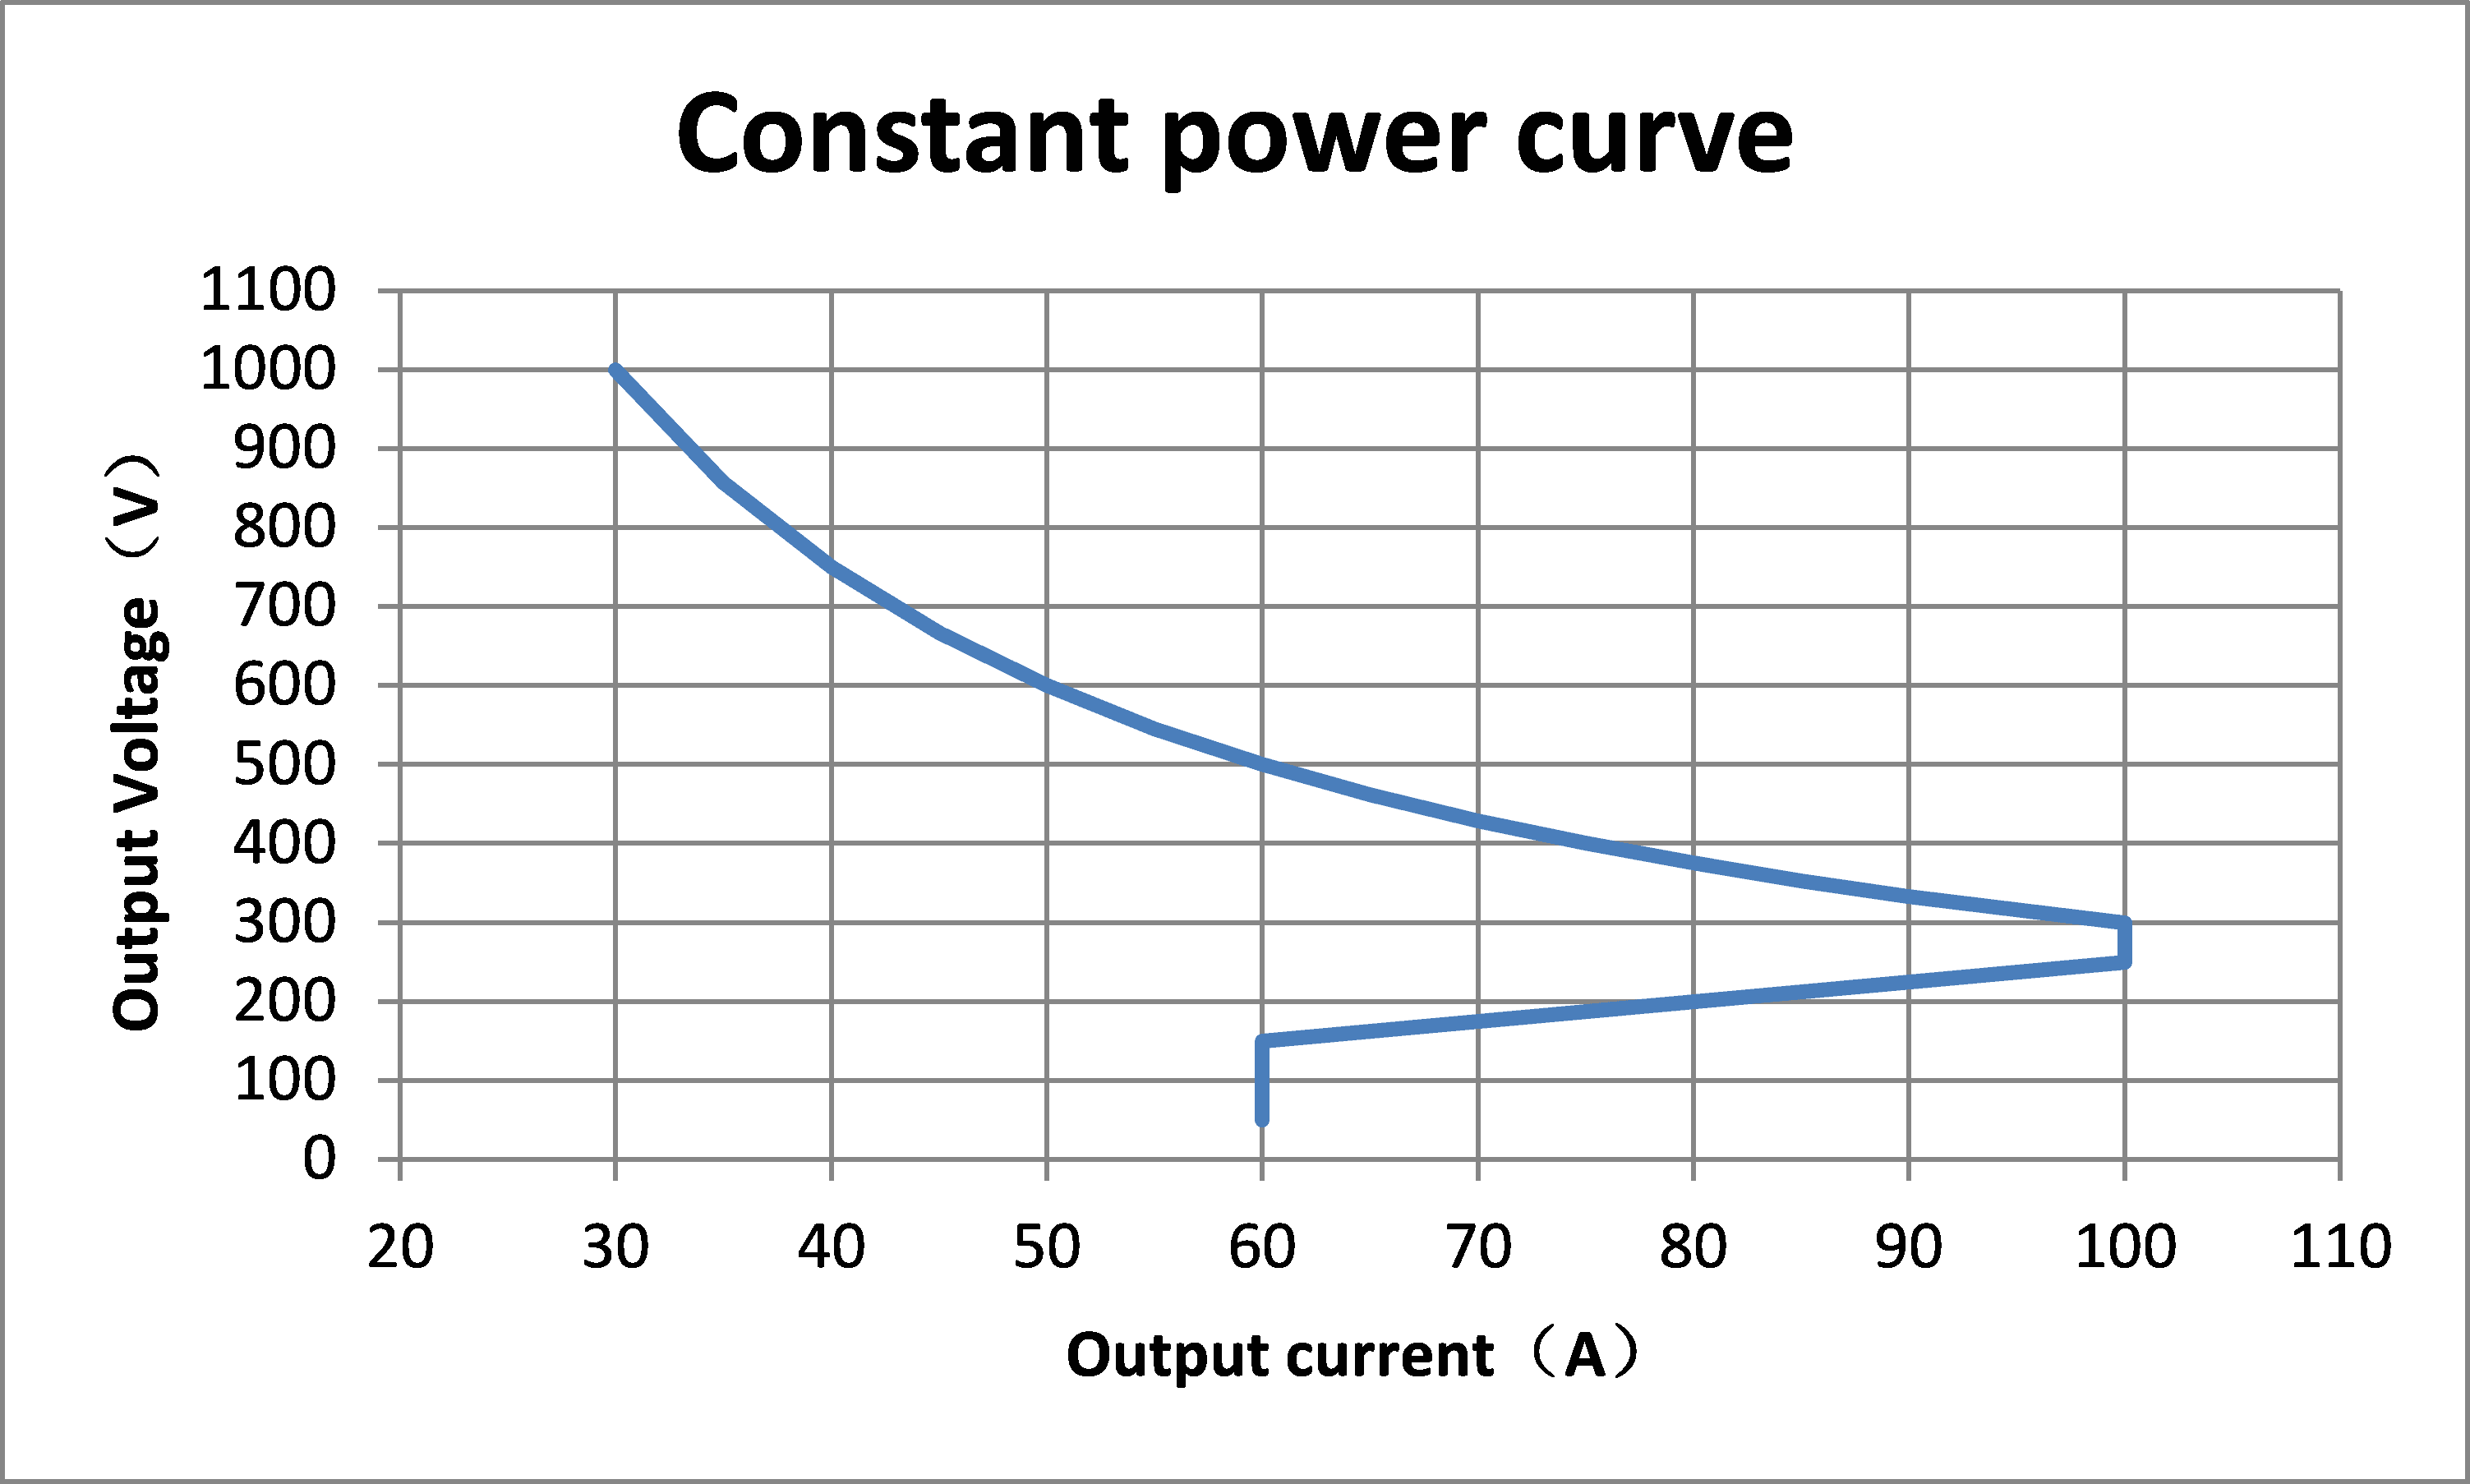 Constant power curve